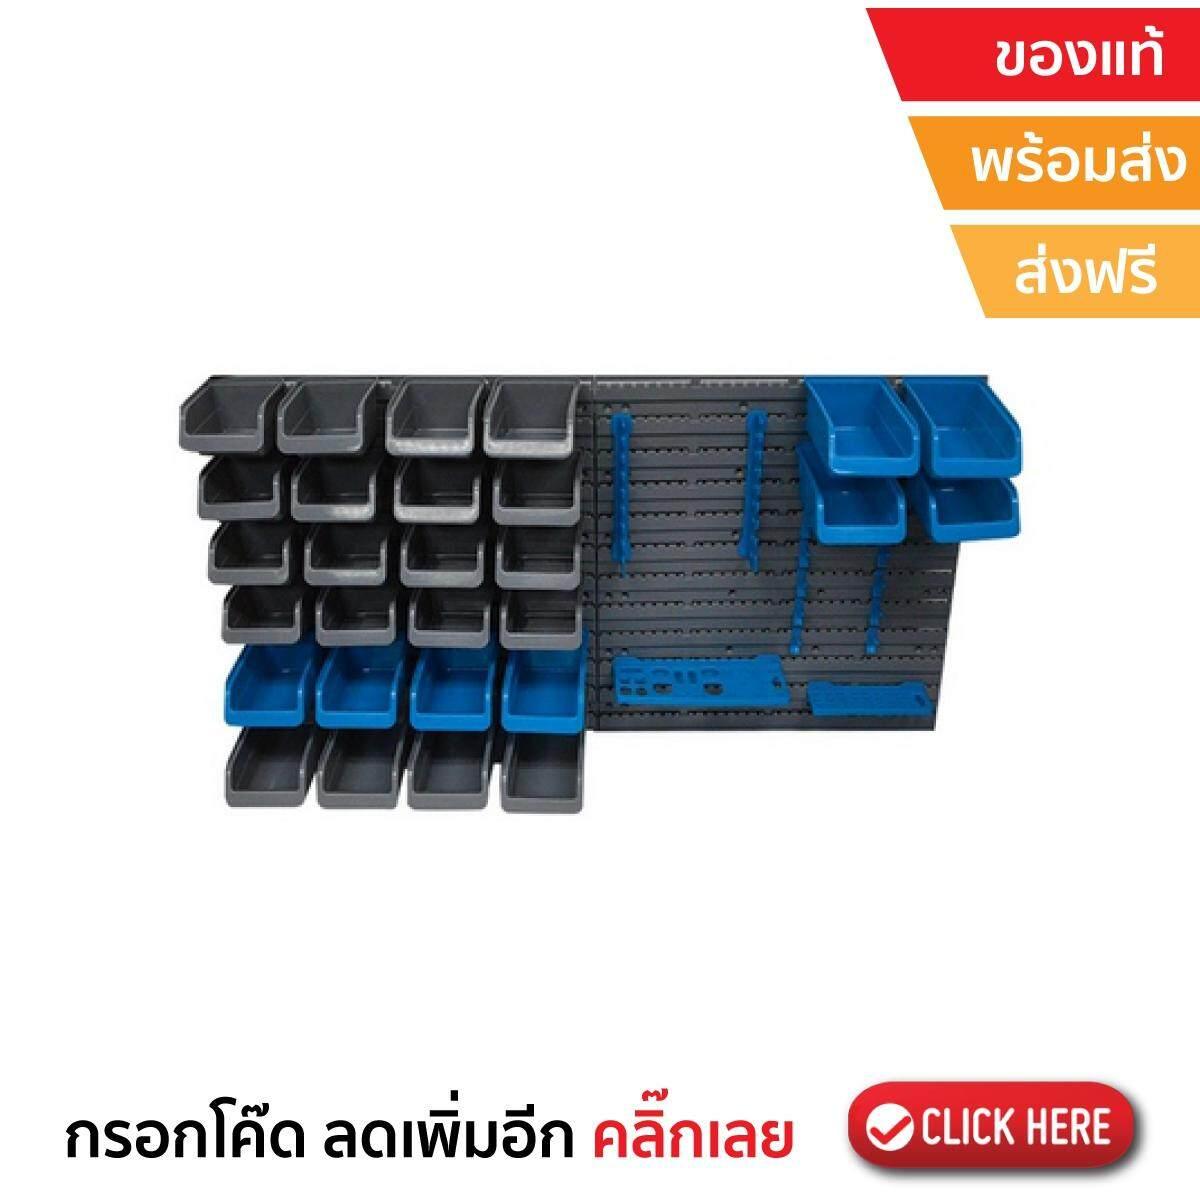 กล่องเครื่องมือช่าง กล่องเก็บเครื่องมือ กล่องใส่เครื่องมือ กล่องเครื่องมือ กล่องเก็บของ กล่องใส่ของ ผลิตจากวัสดุคุณภาพ แข็งแรงทนทาน PART STORAGE กล่องใส่อะไหล่แบบติดผนัง MATALL RK-1032 ส่ง kerry เก็บ